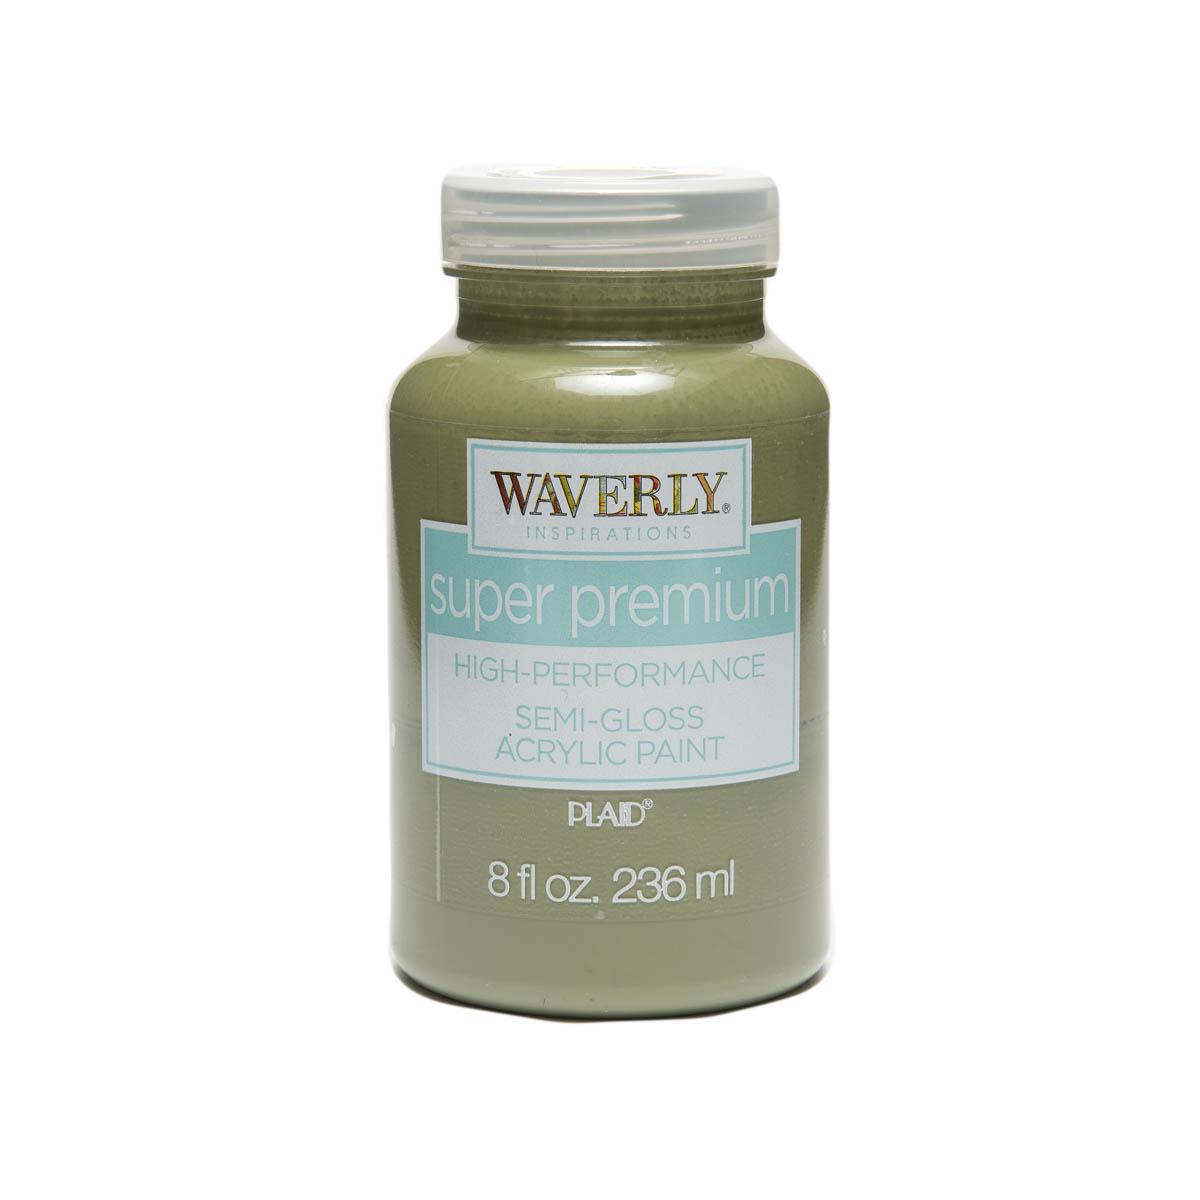 Waverly ® Inspirations Super Premium Semi-Gloss Acrylic Paint - Moss, 8 oz.